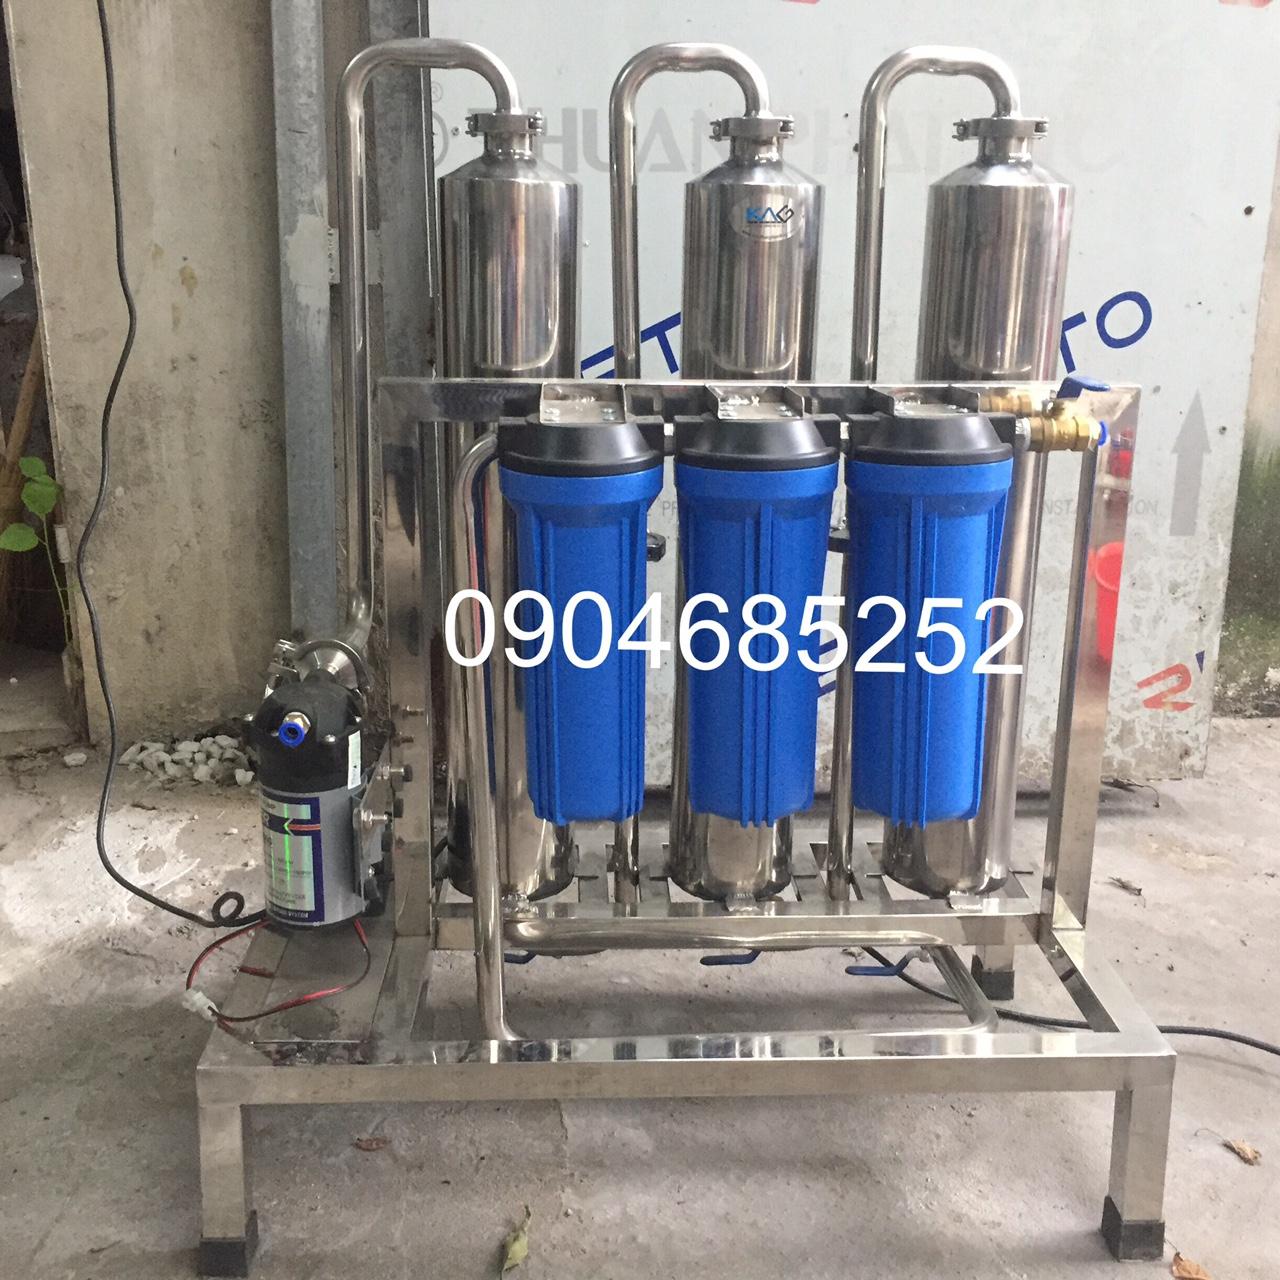 Máy lọc rượu mini công suất 30-50 lit/h, thiết kế nhỏ gọn, đẹp mắt và bền bỉ với inox 304. Có nhiều loại công suất máy lọc rượu từ 20-500 lit/h, 1 đơn nguyên hoặc 2 đơn nguyên.